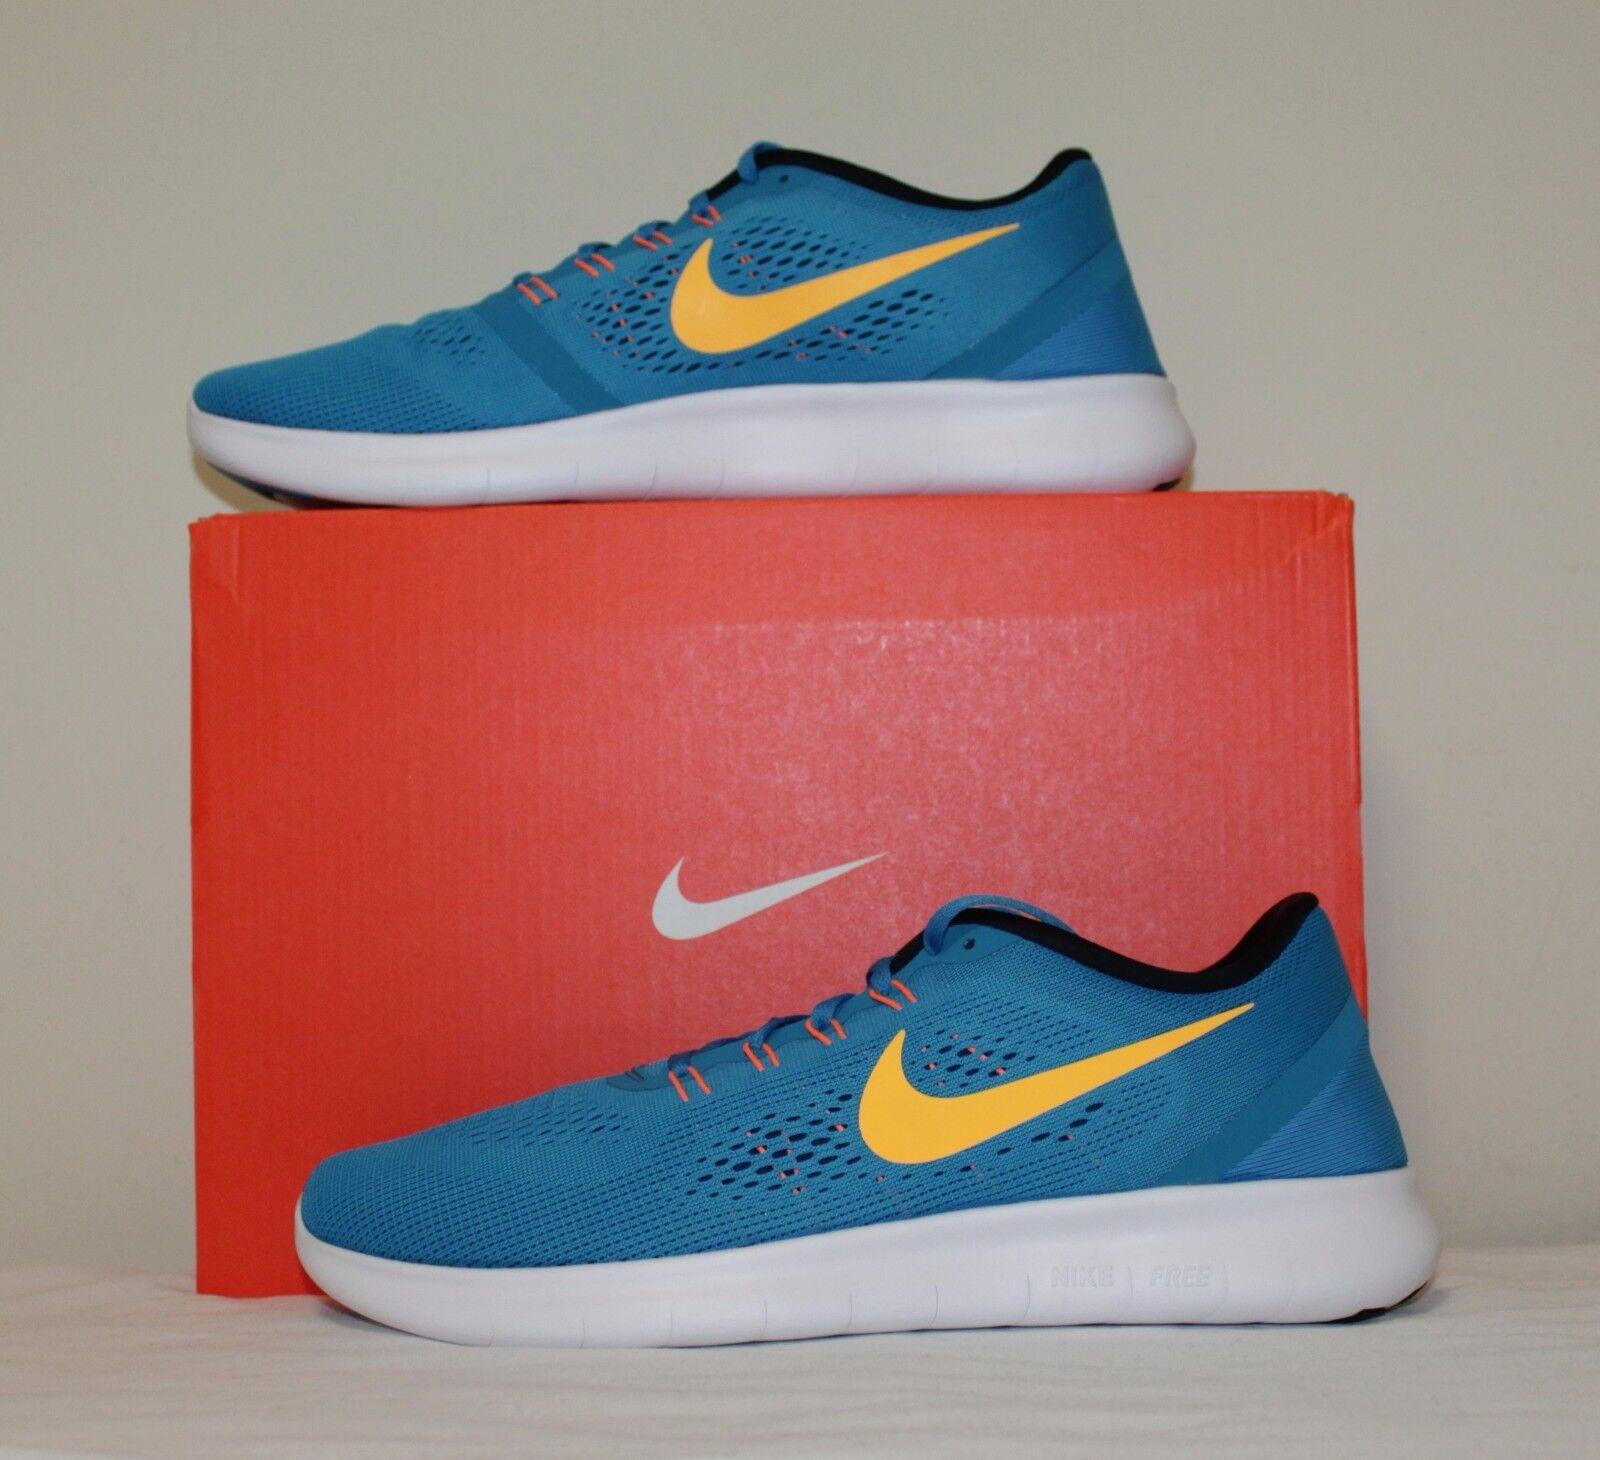 Nike Hombres 11 Zapatillas Zapatos Talla Correr Air Free 11 Hombres Nuevo Con Caja 2f6ceb